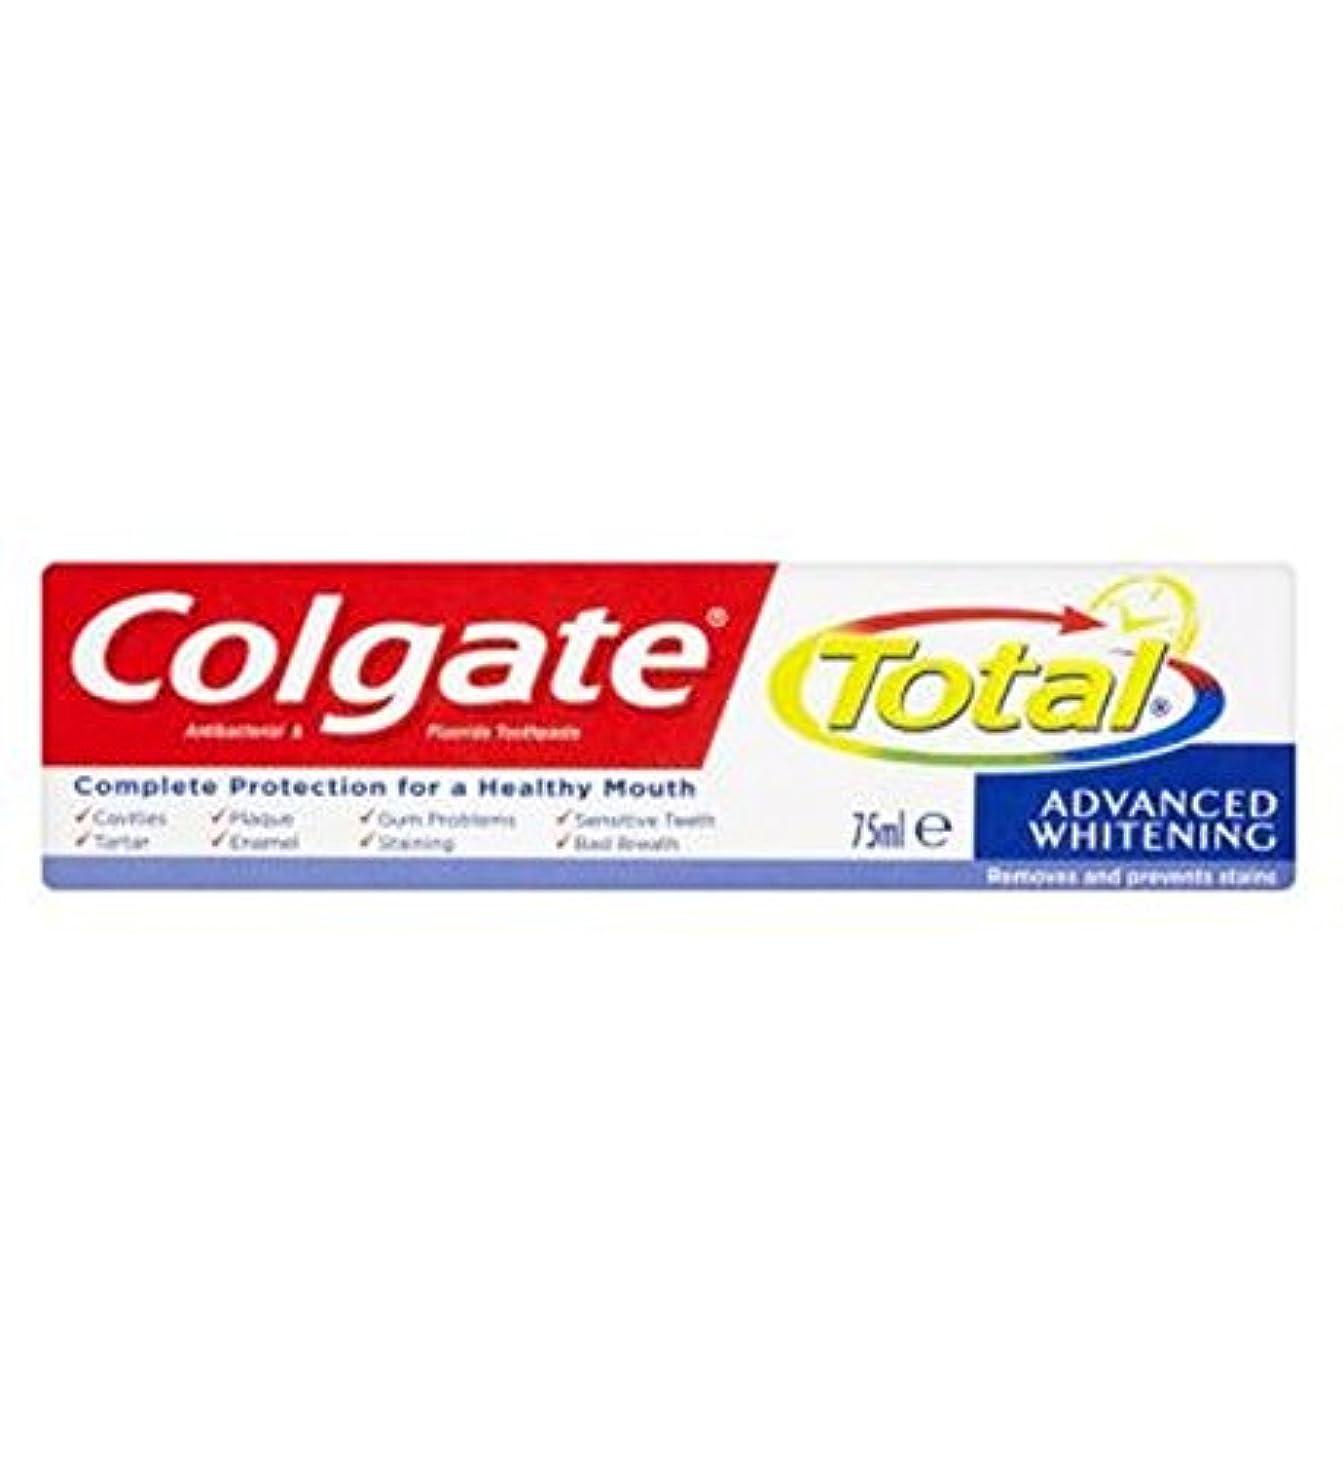 大惨事九時四十五分指紋Colgate Total Advanced Whitening toothpaste 75ml - コルゲートトータル高度なホワイトニング歯磨き粉75ミリリットル (Colgate) [並行輸入品]